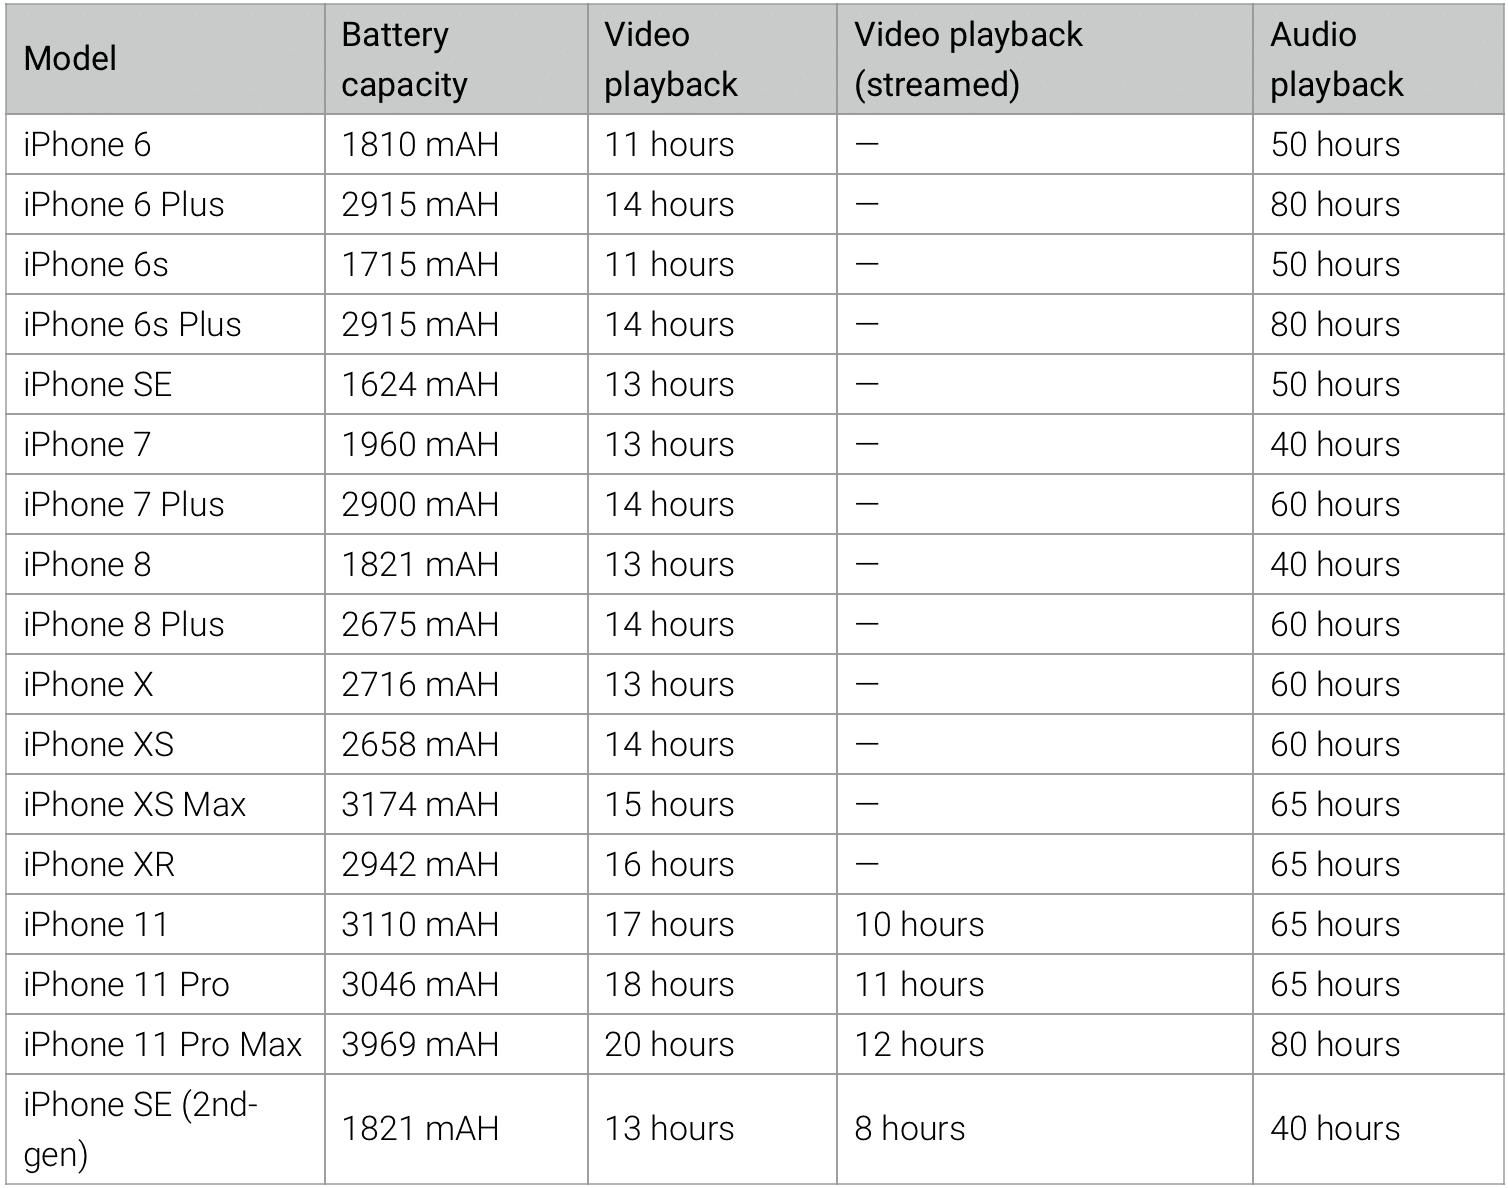 Tabela: comparativo de baterias